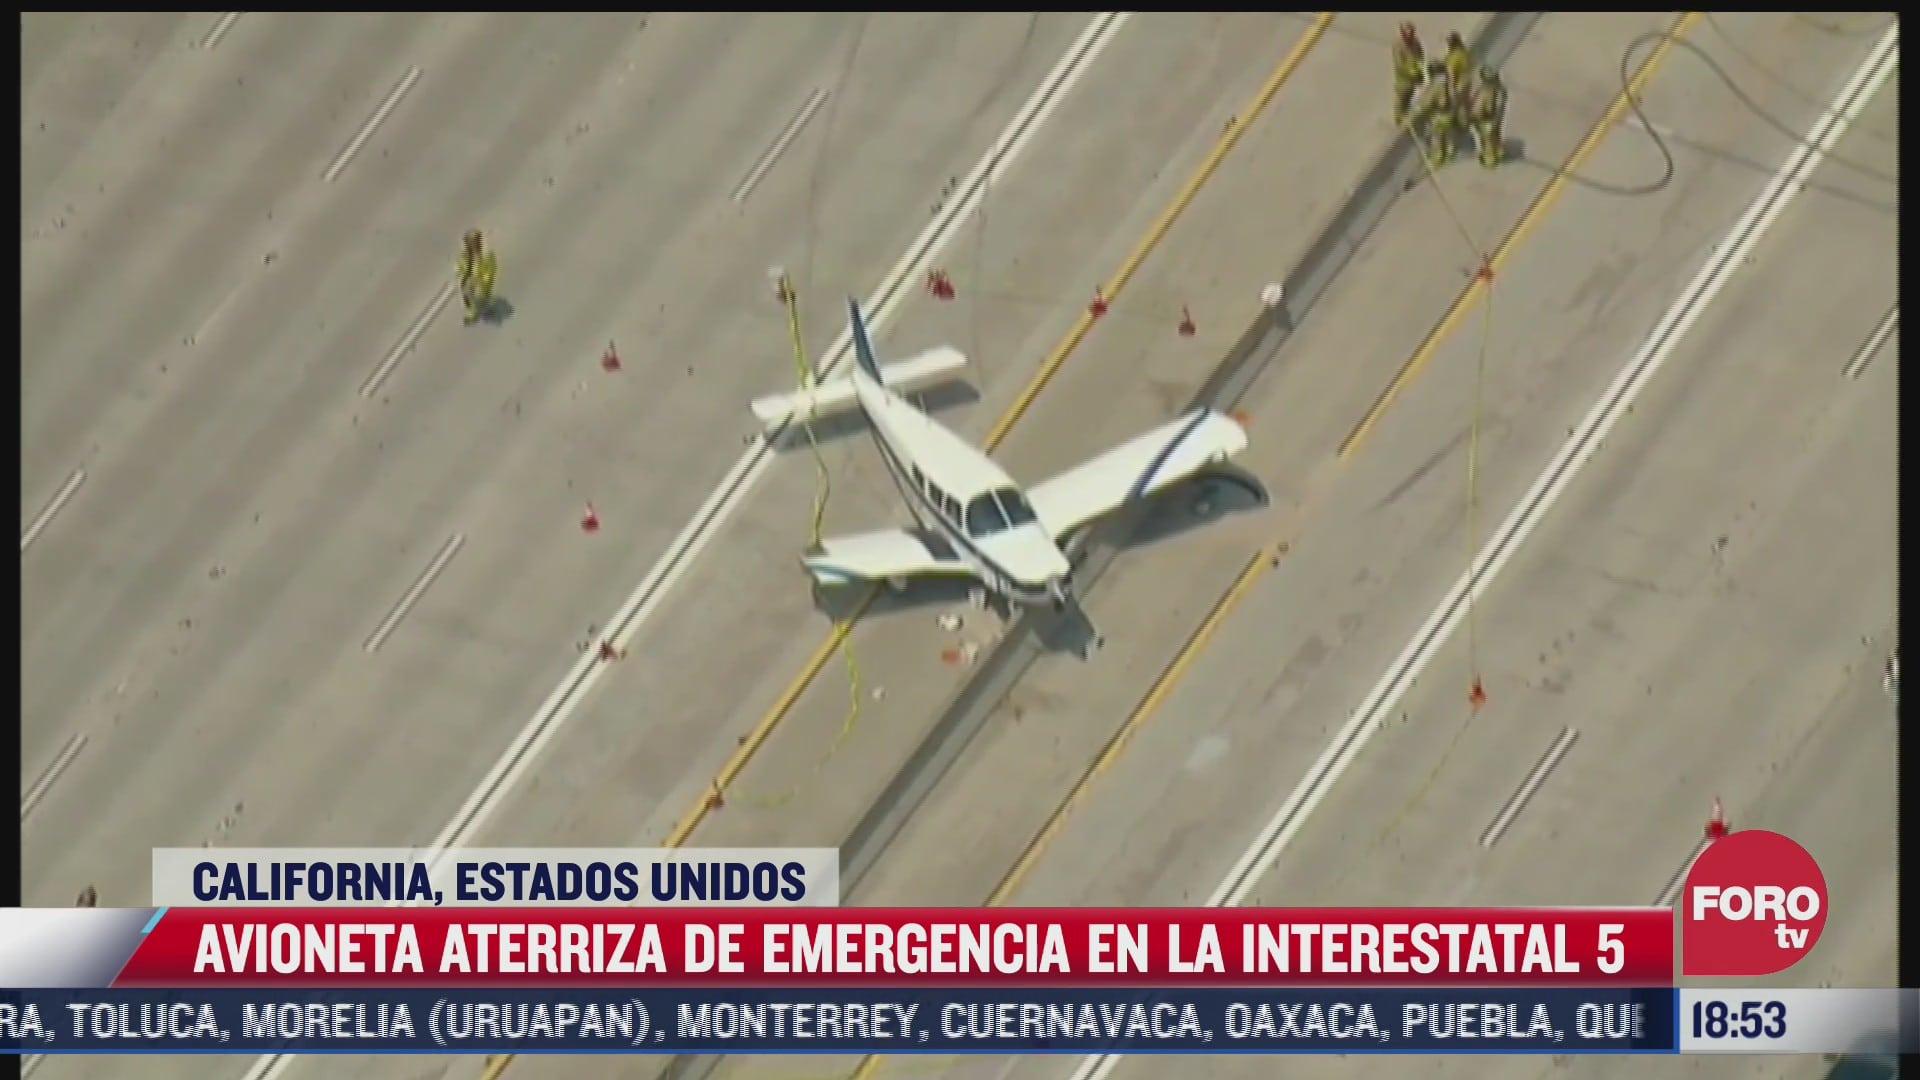 avioneta aterriza de emergencia en carretera de california